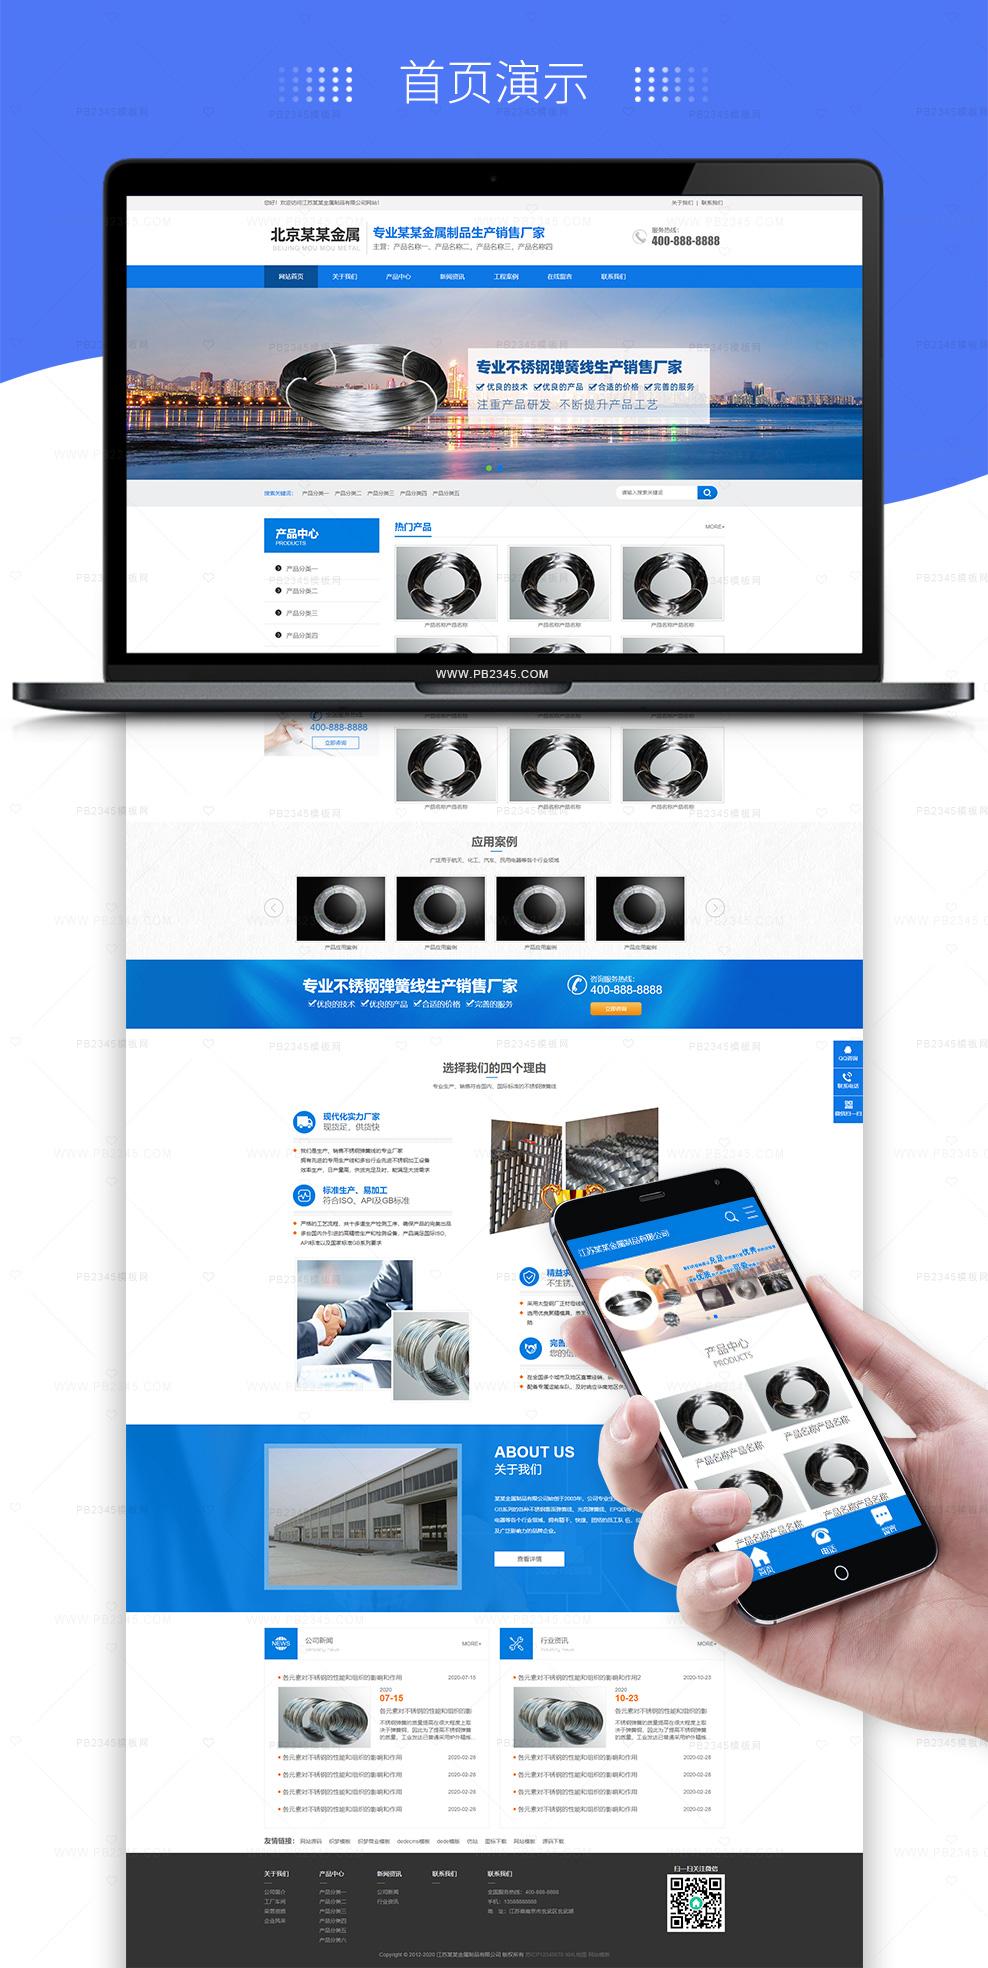 pbootcms蓝色五金电子制品网站源码带手机端